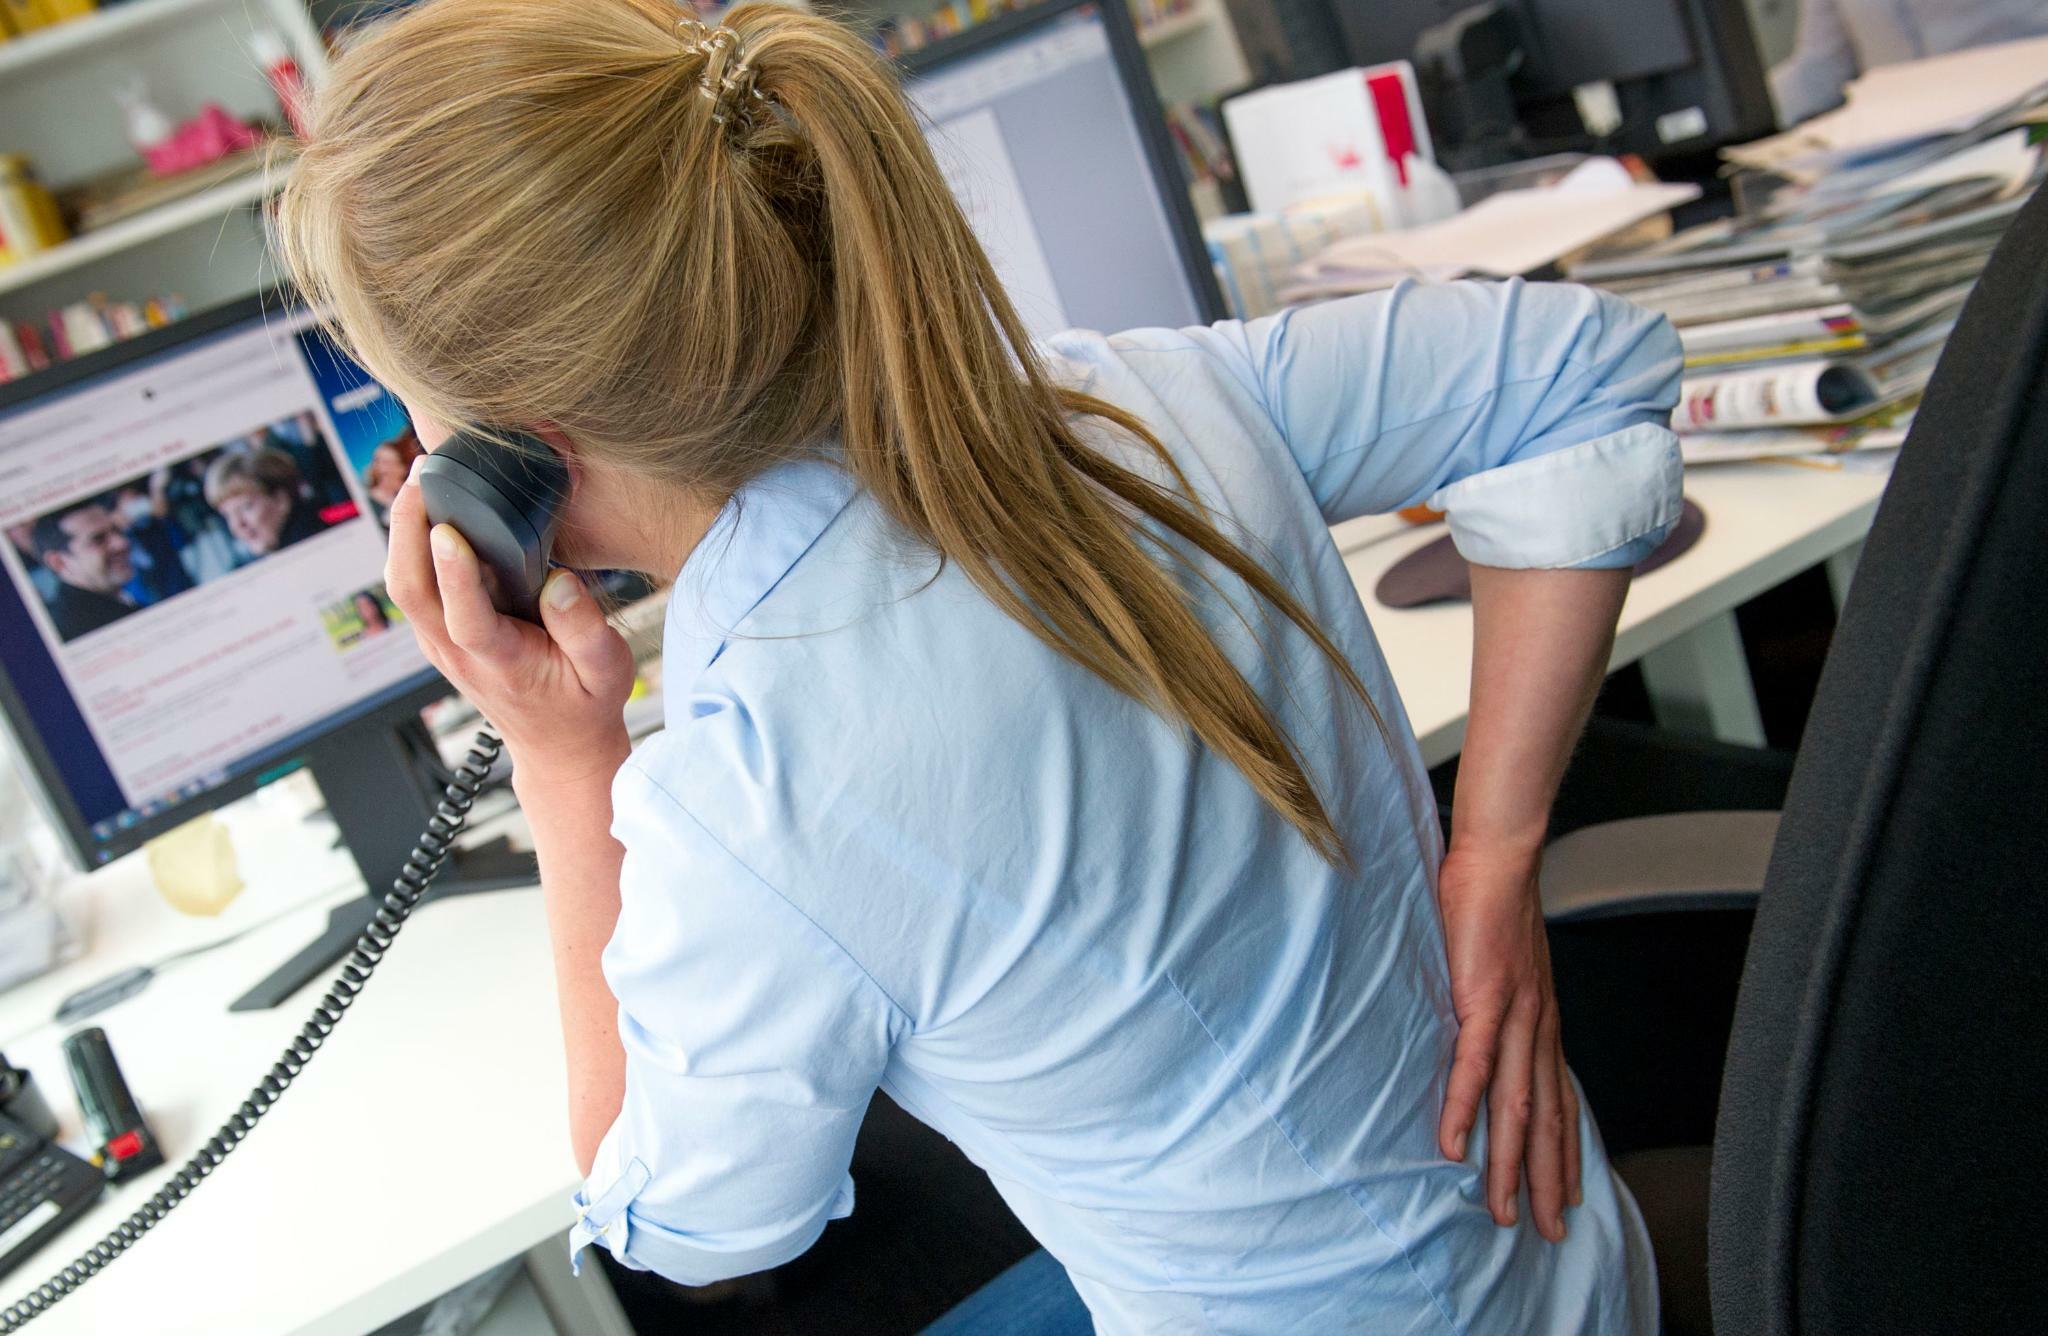 Das sind die zehn größten Irrtümer über Rückenschmerzen